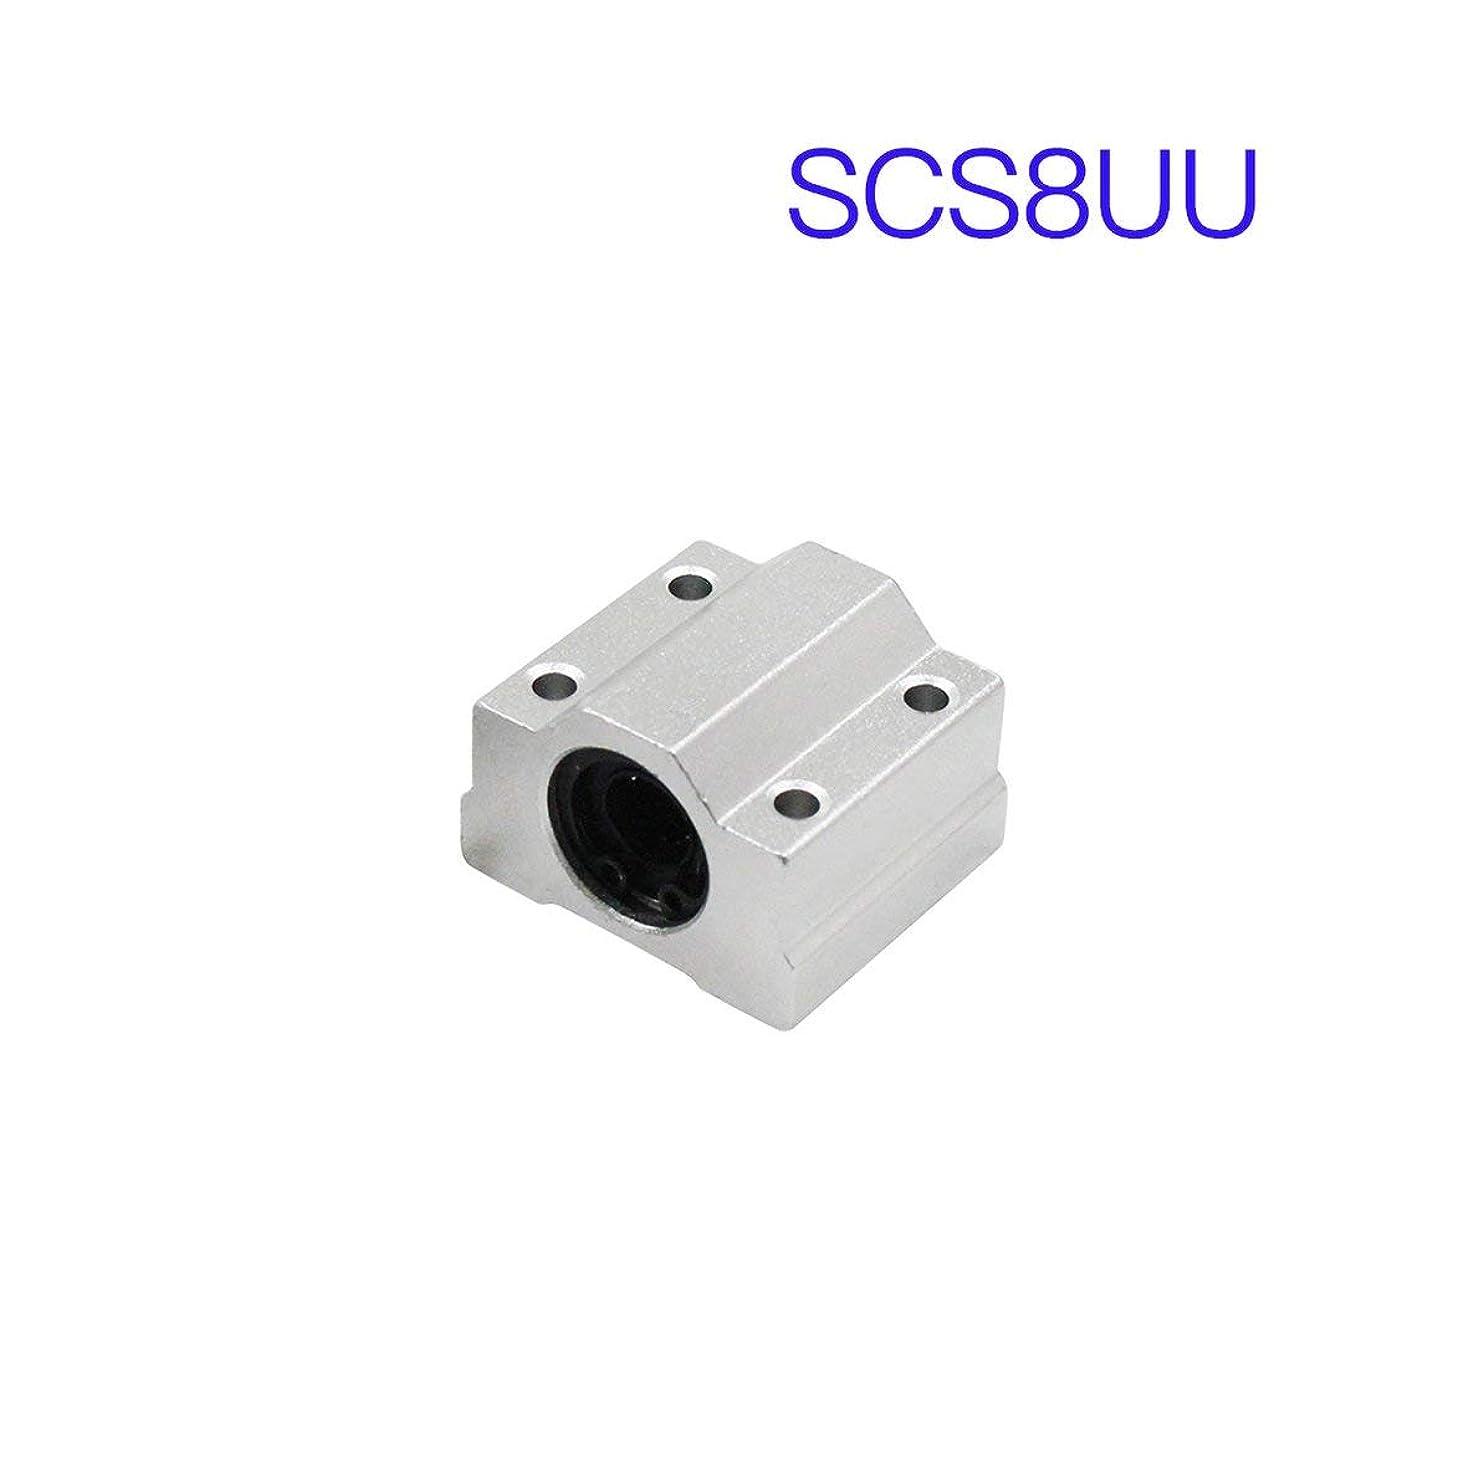 ナイロン重さ鳴り響く3Dプリンターシャフトロッド印刷機部品リニアモーションボールベアリングブロックスライドブッシュCNCルーター用Birdlantern SCS8LUU